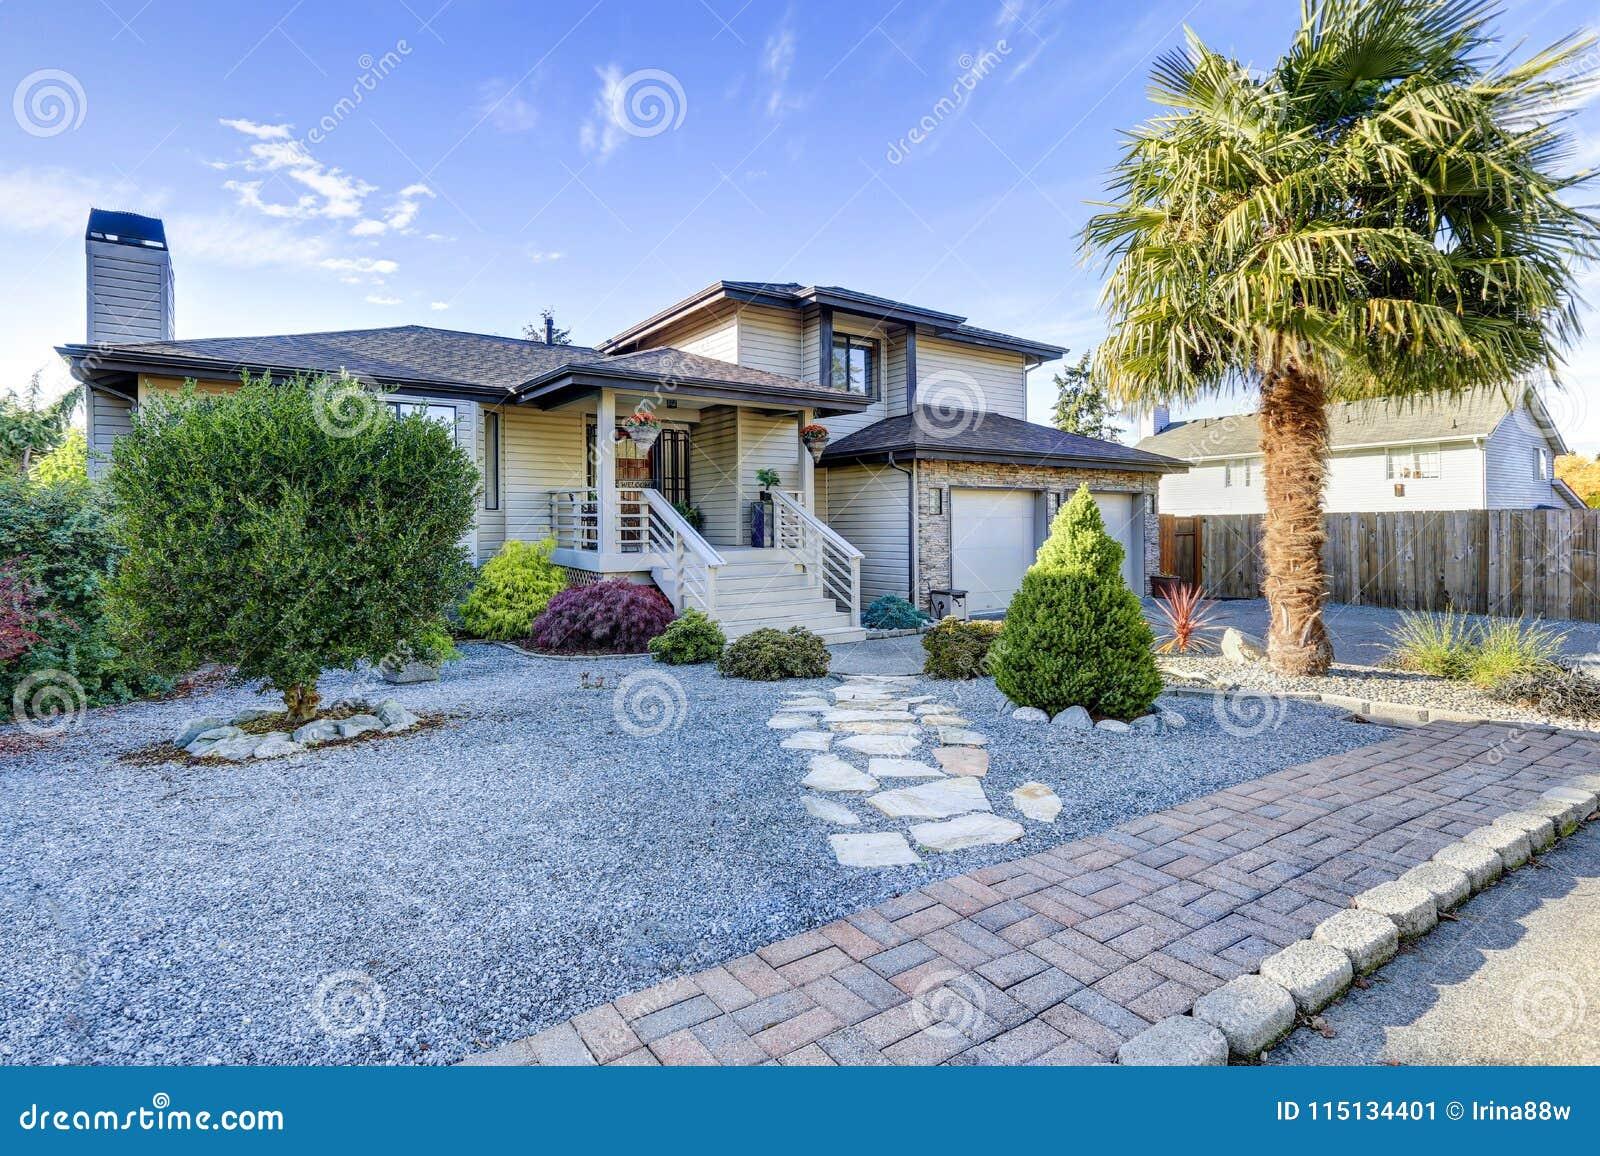 Schönes Haus Außen Mit Nettem Lahdscape Design Stockbild - Bild von ...